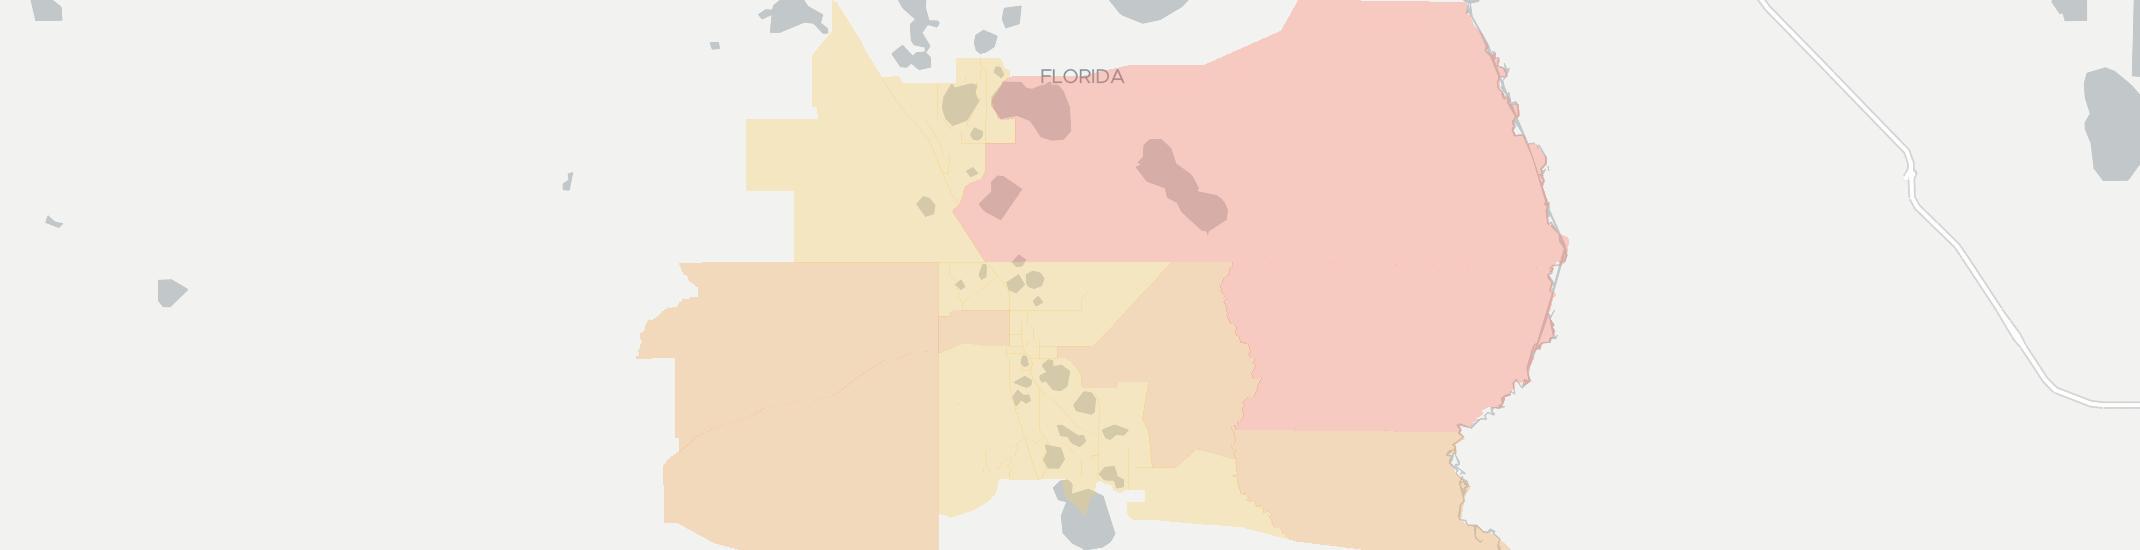 Avon Park Florida Map.Internet Providers In Avon Park Compare 10 Providers